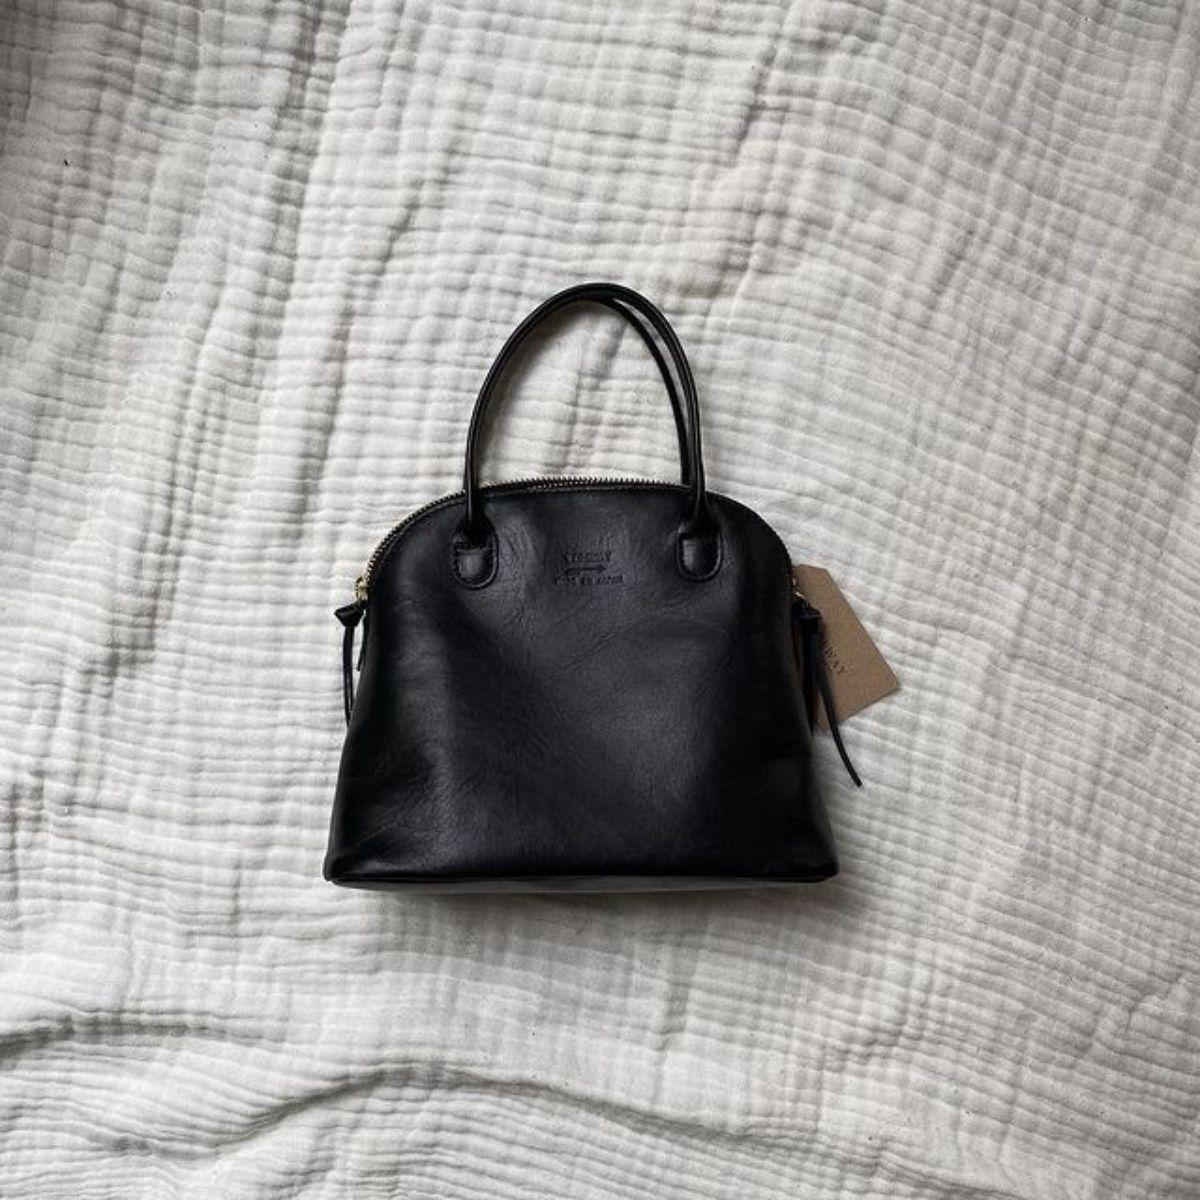 これぞ私の欲しかった「ボストンバッグ」。シンプルで上質なTIDEWAYのバッグは新生活でも大活躍の予感です